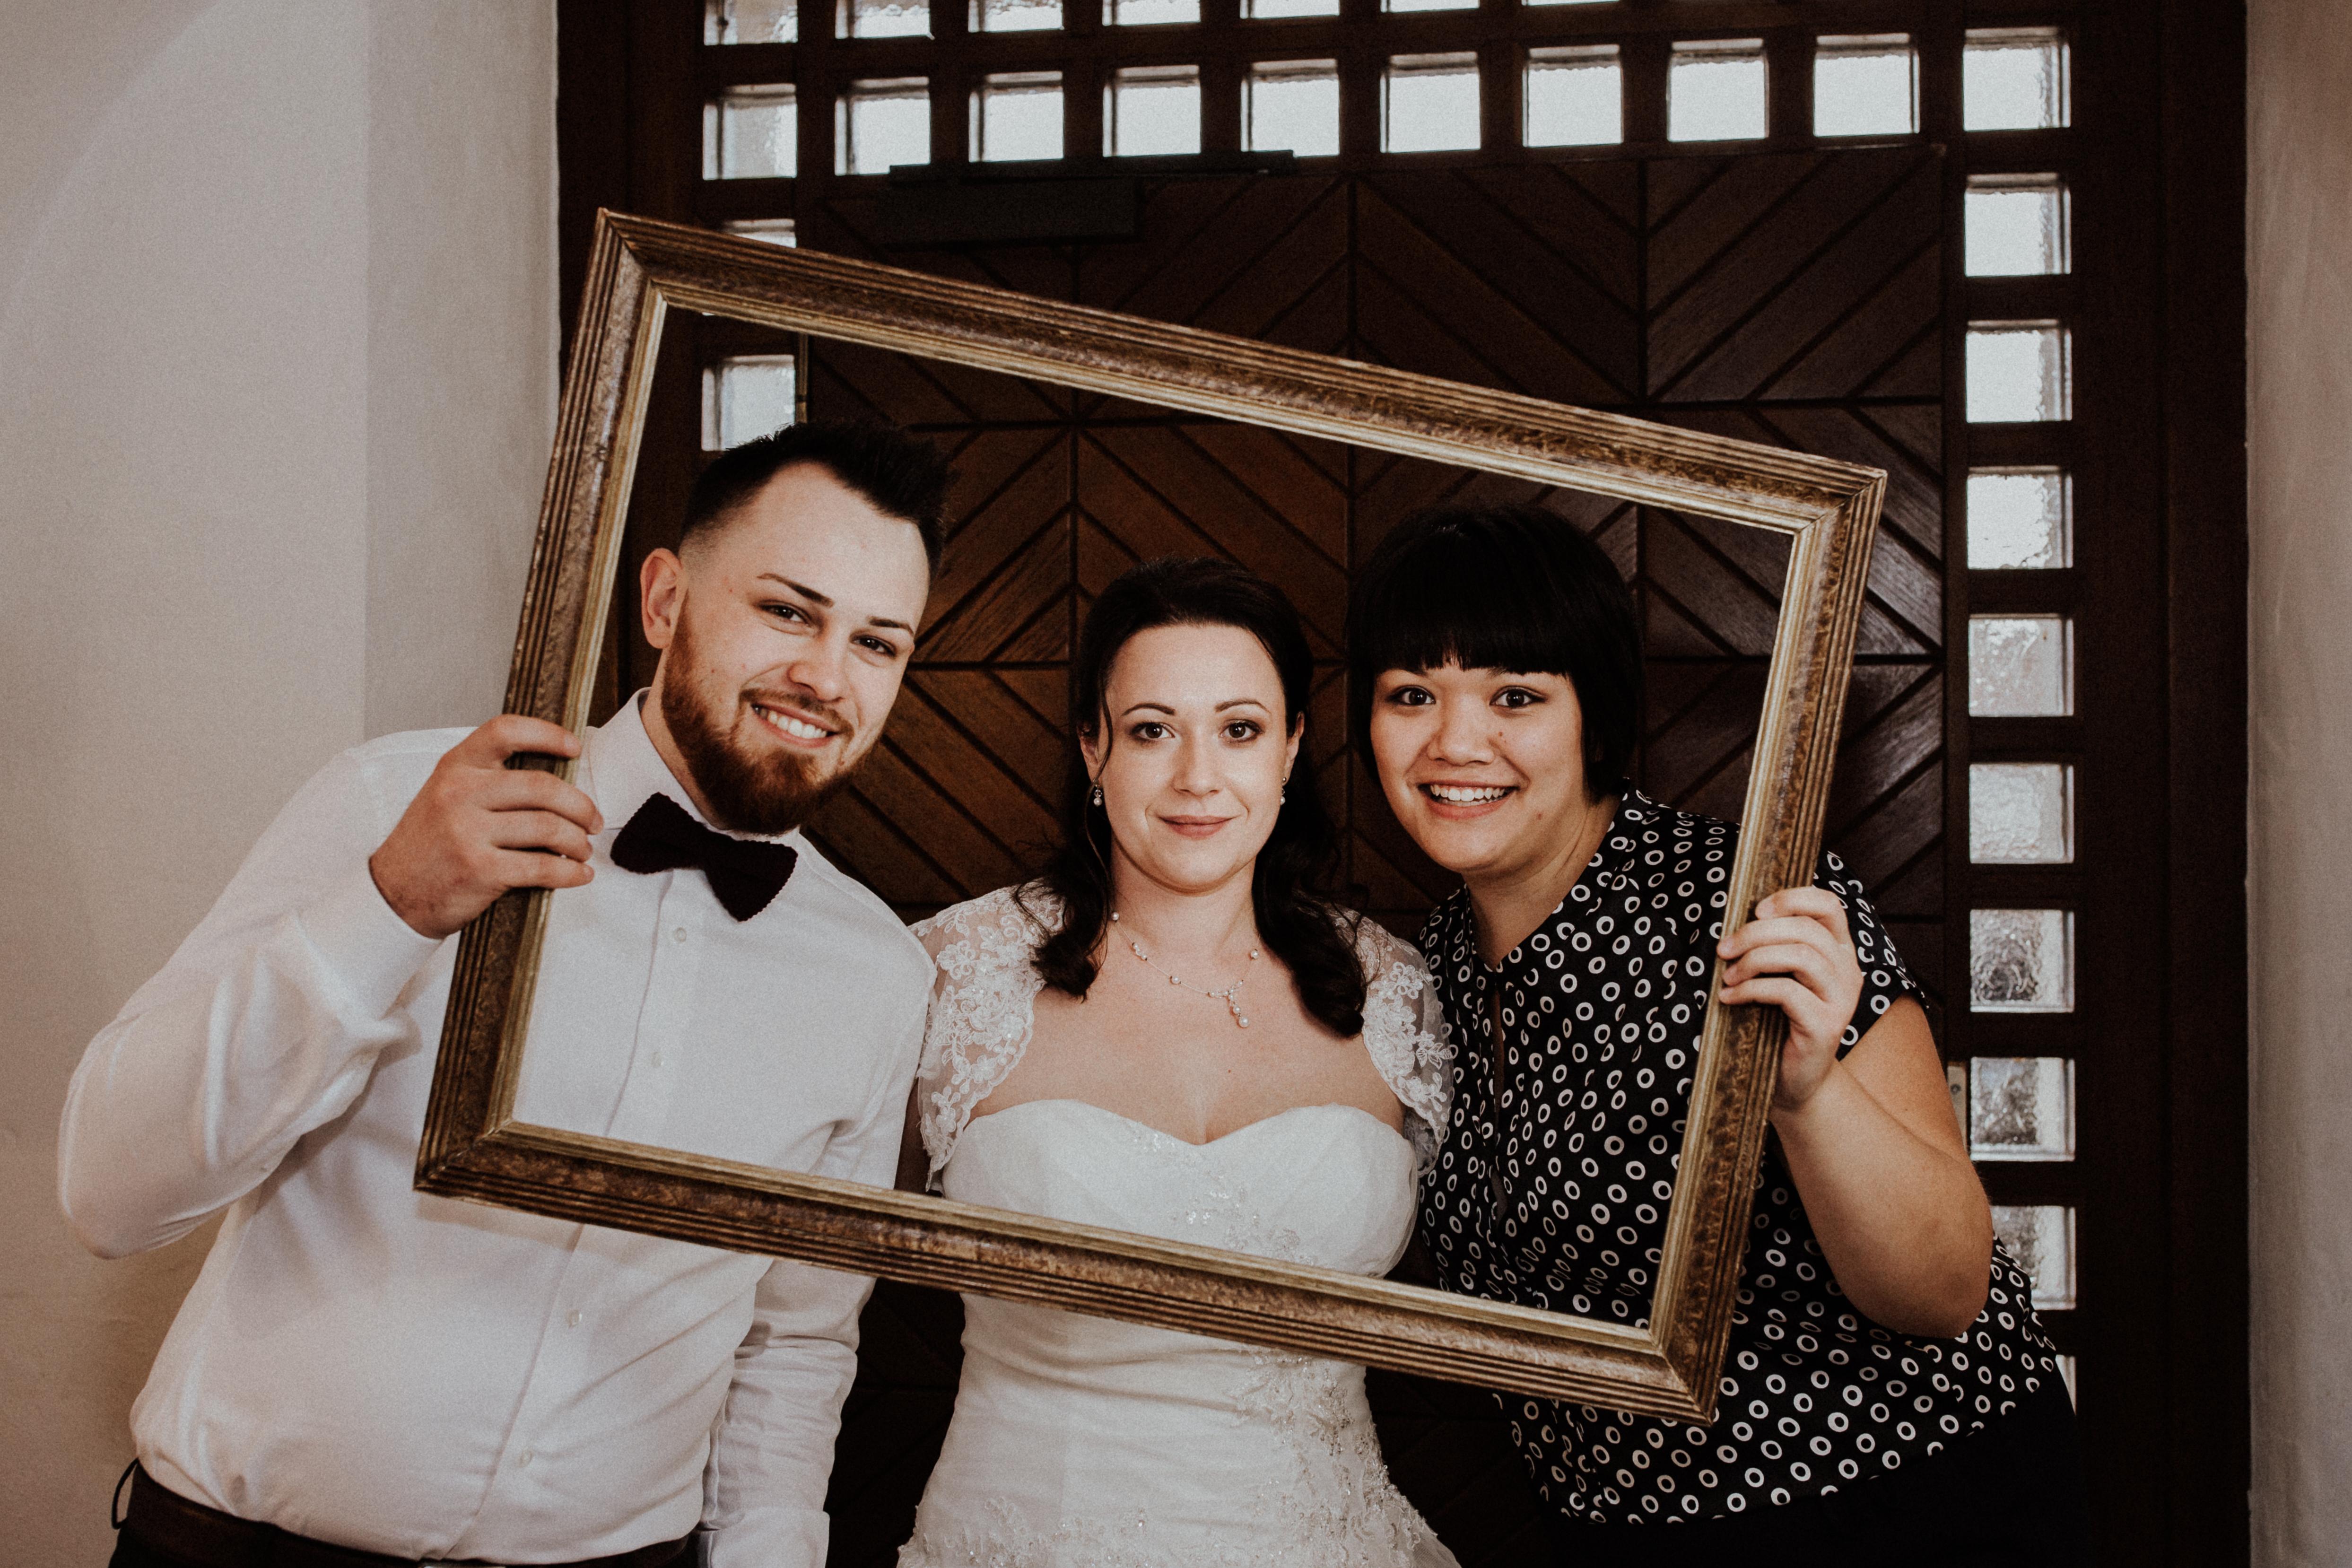 URBANERIE_Daniela_Goth_Hochzeitsfotografin_Nürnberg_Fürth_Erlangen_Schwabach_171007_1437